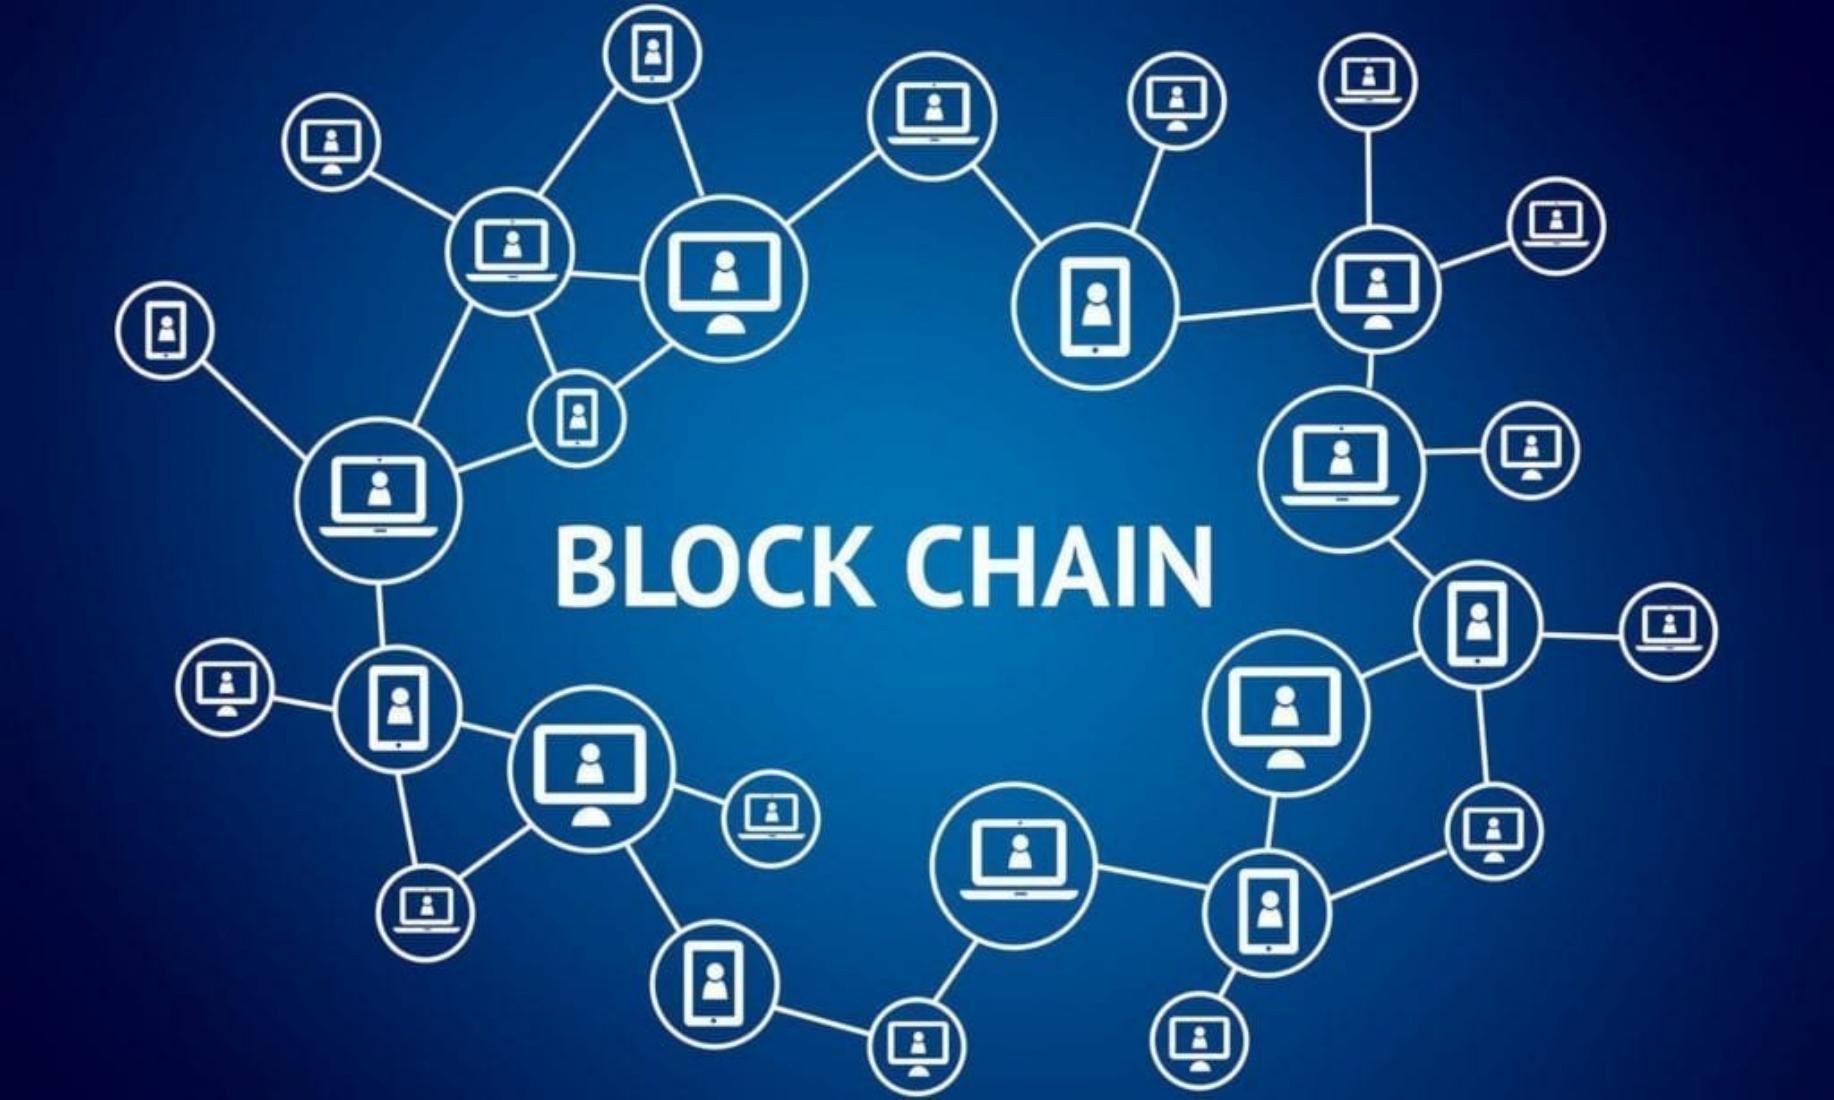 Blockchain-as-a-Service (BaaS) Definition